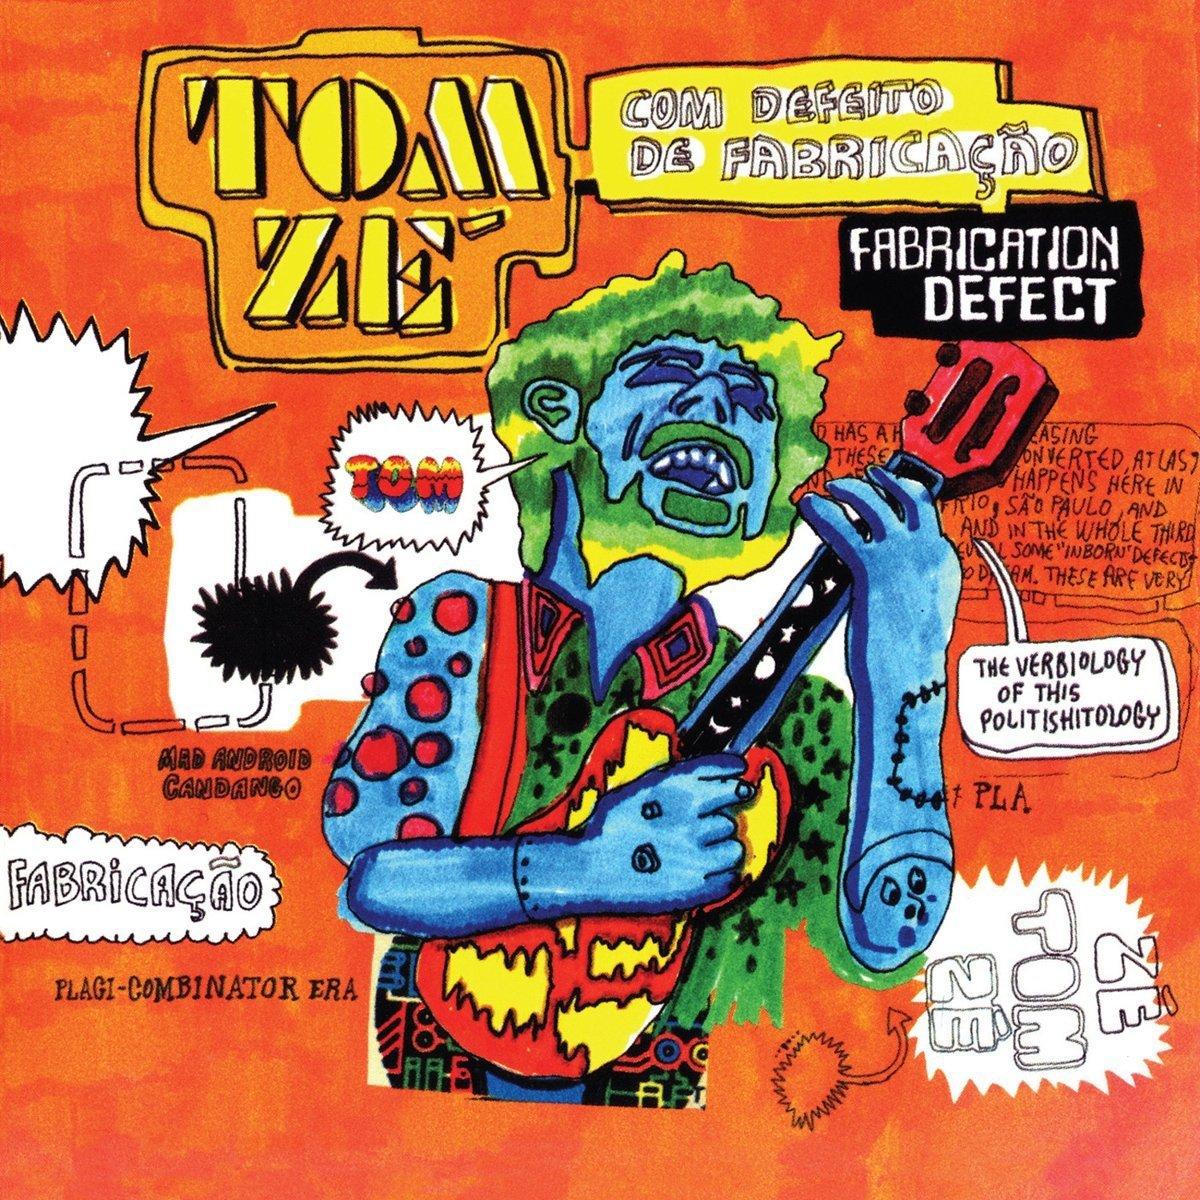 Vinilo : Tom Zé - Fabrication Defect (LP Vinyl)